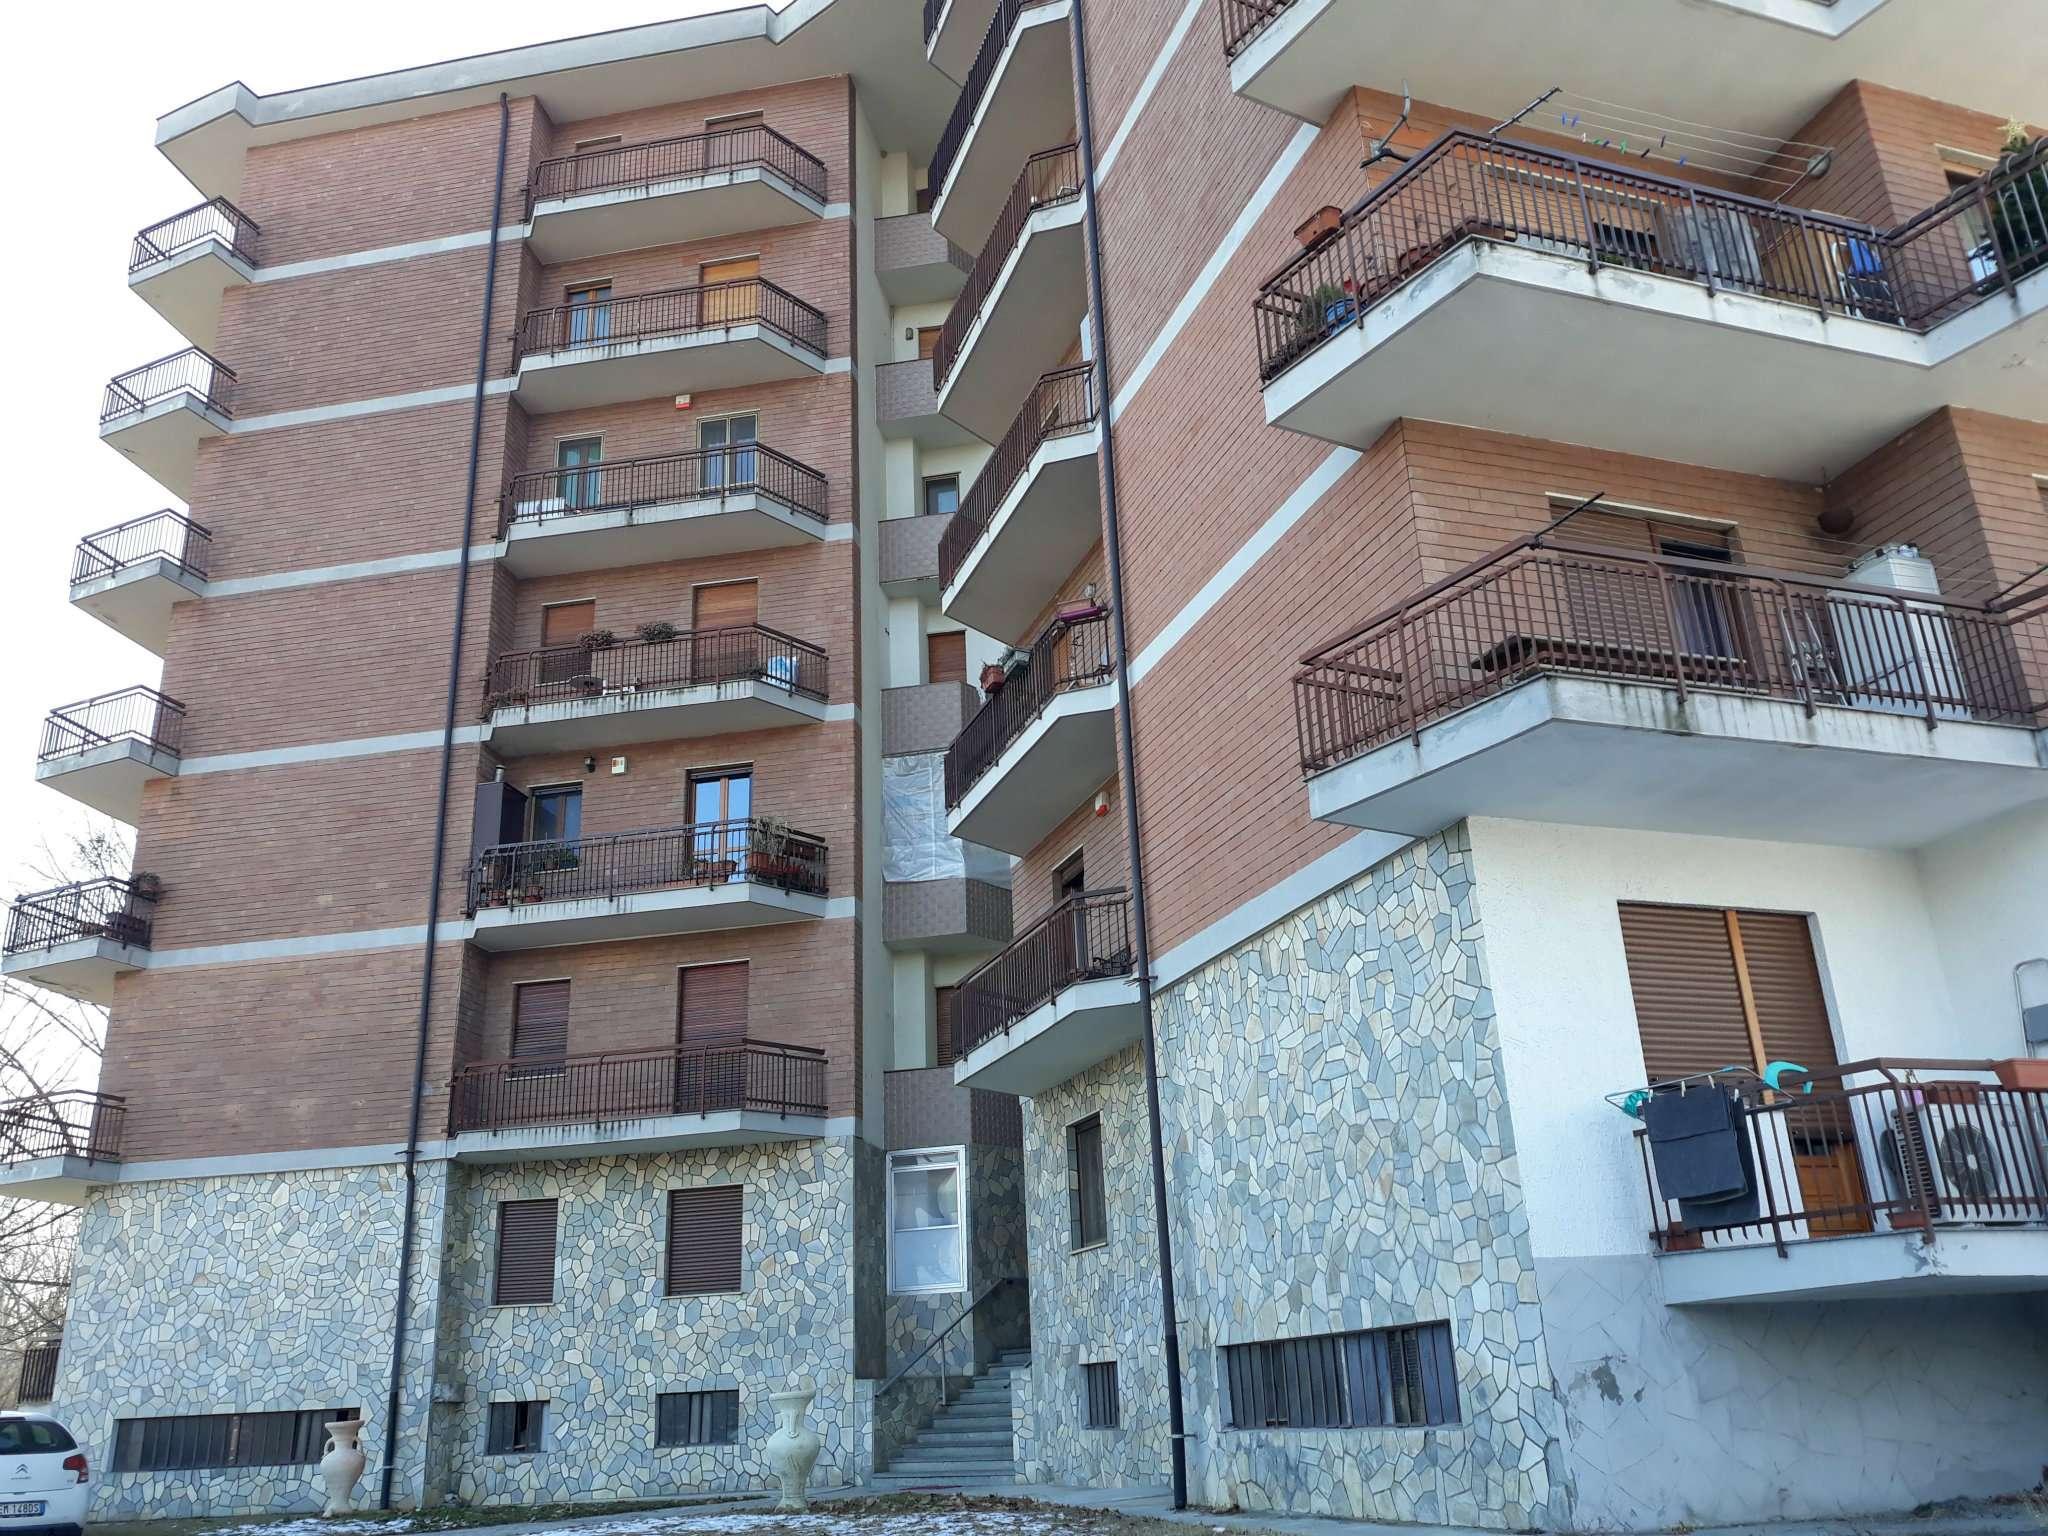 Appartamento in vendita indirizzo su richiesta Robassomero